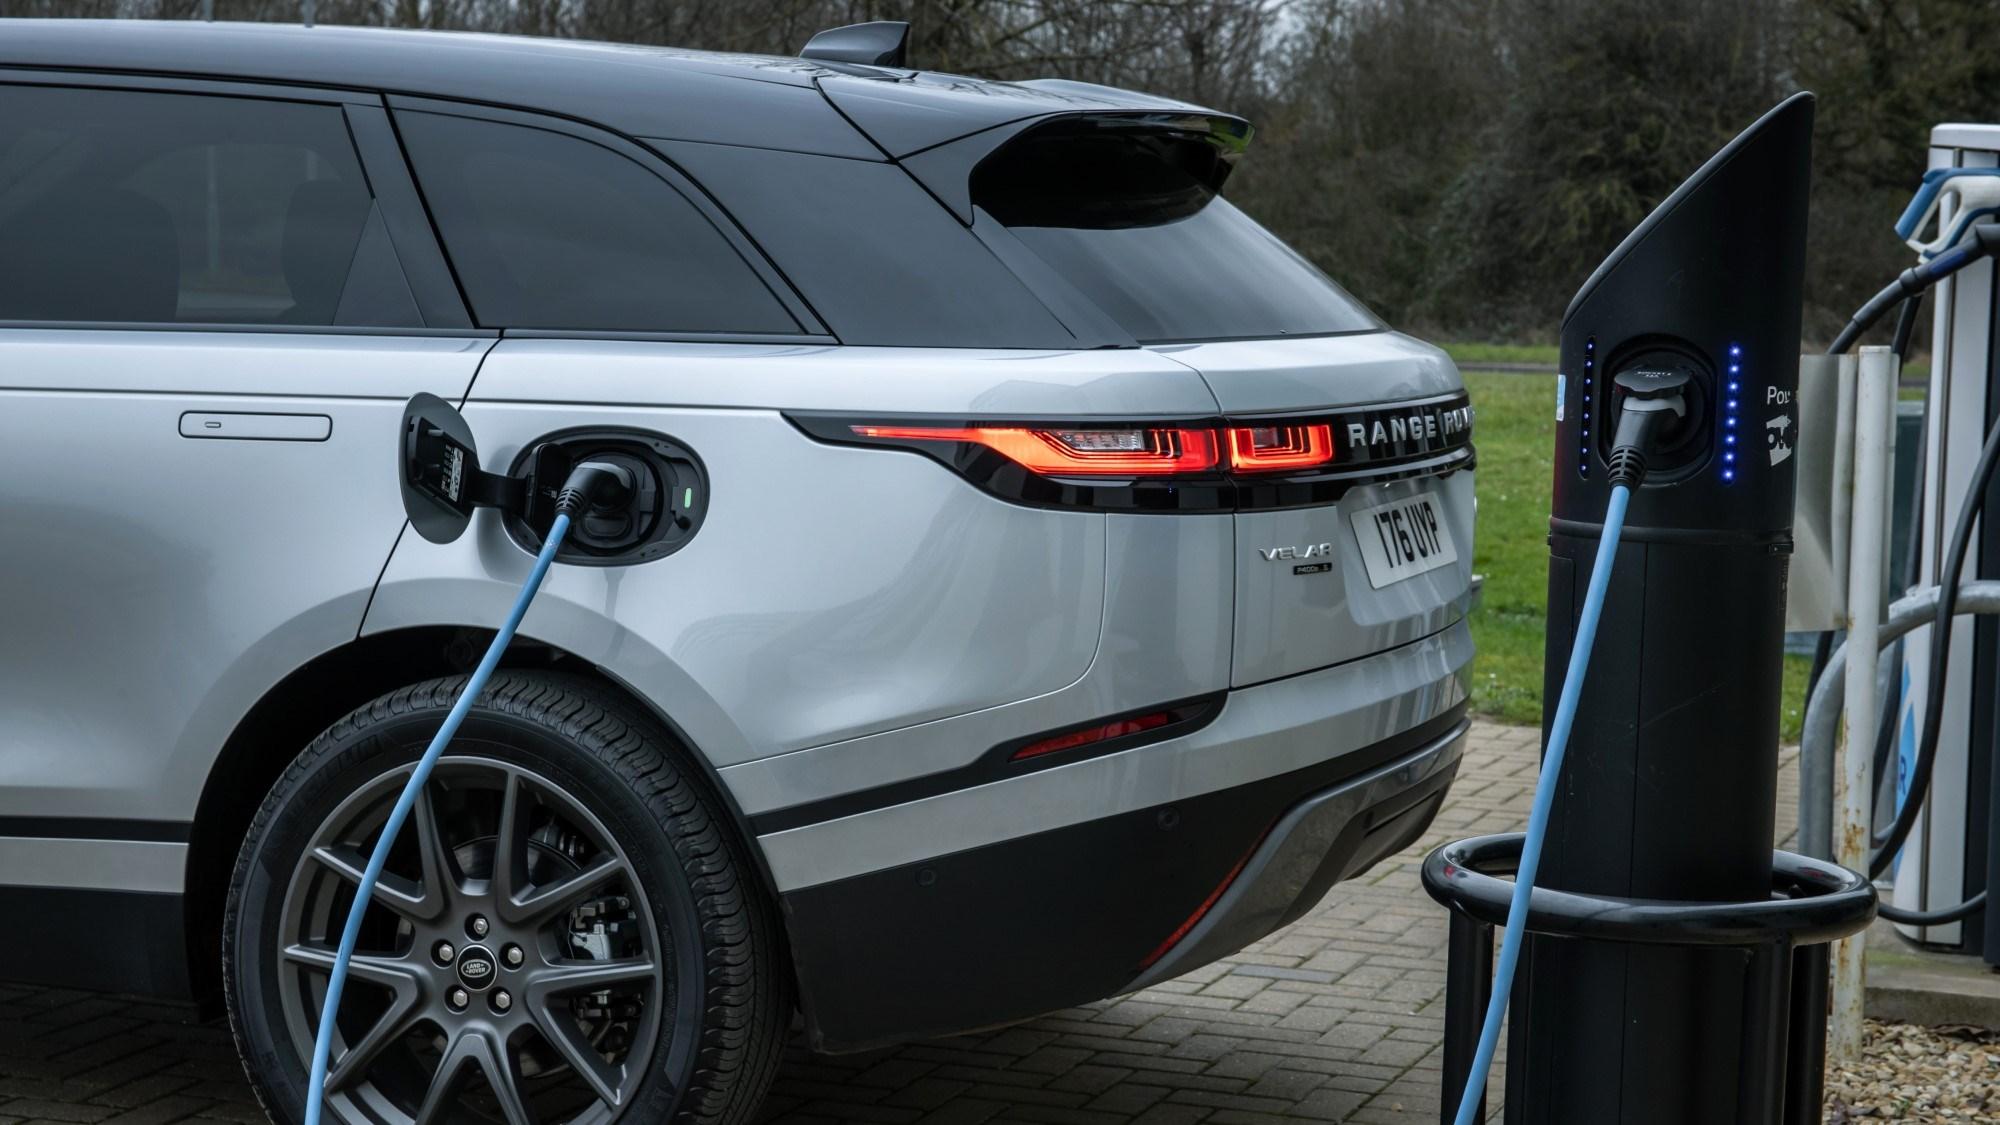 Range Rover Velar charging